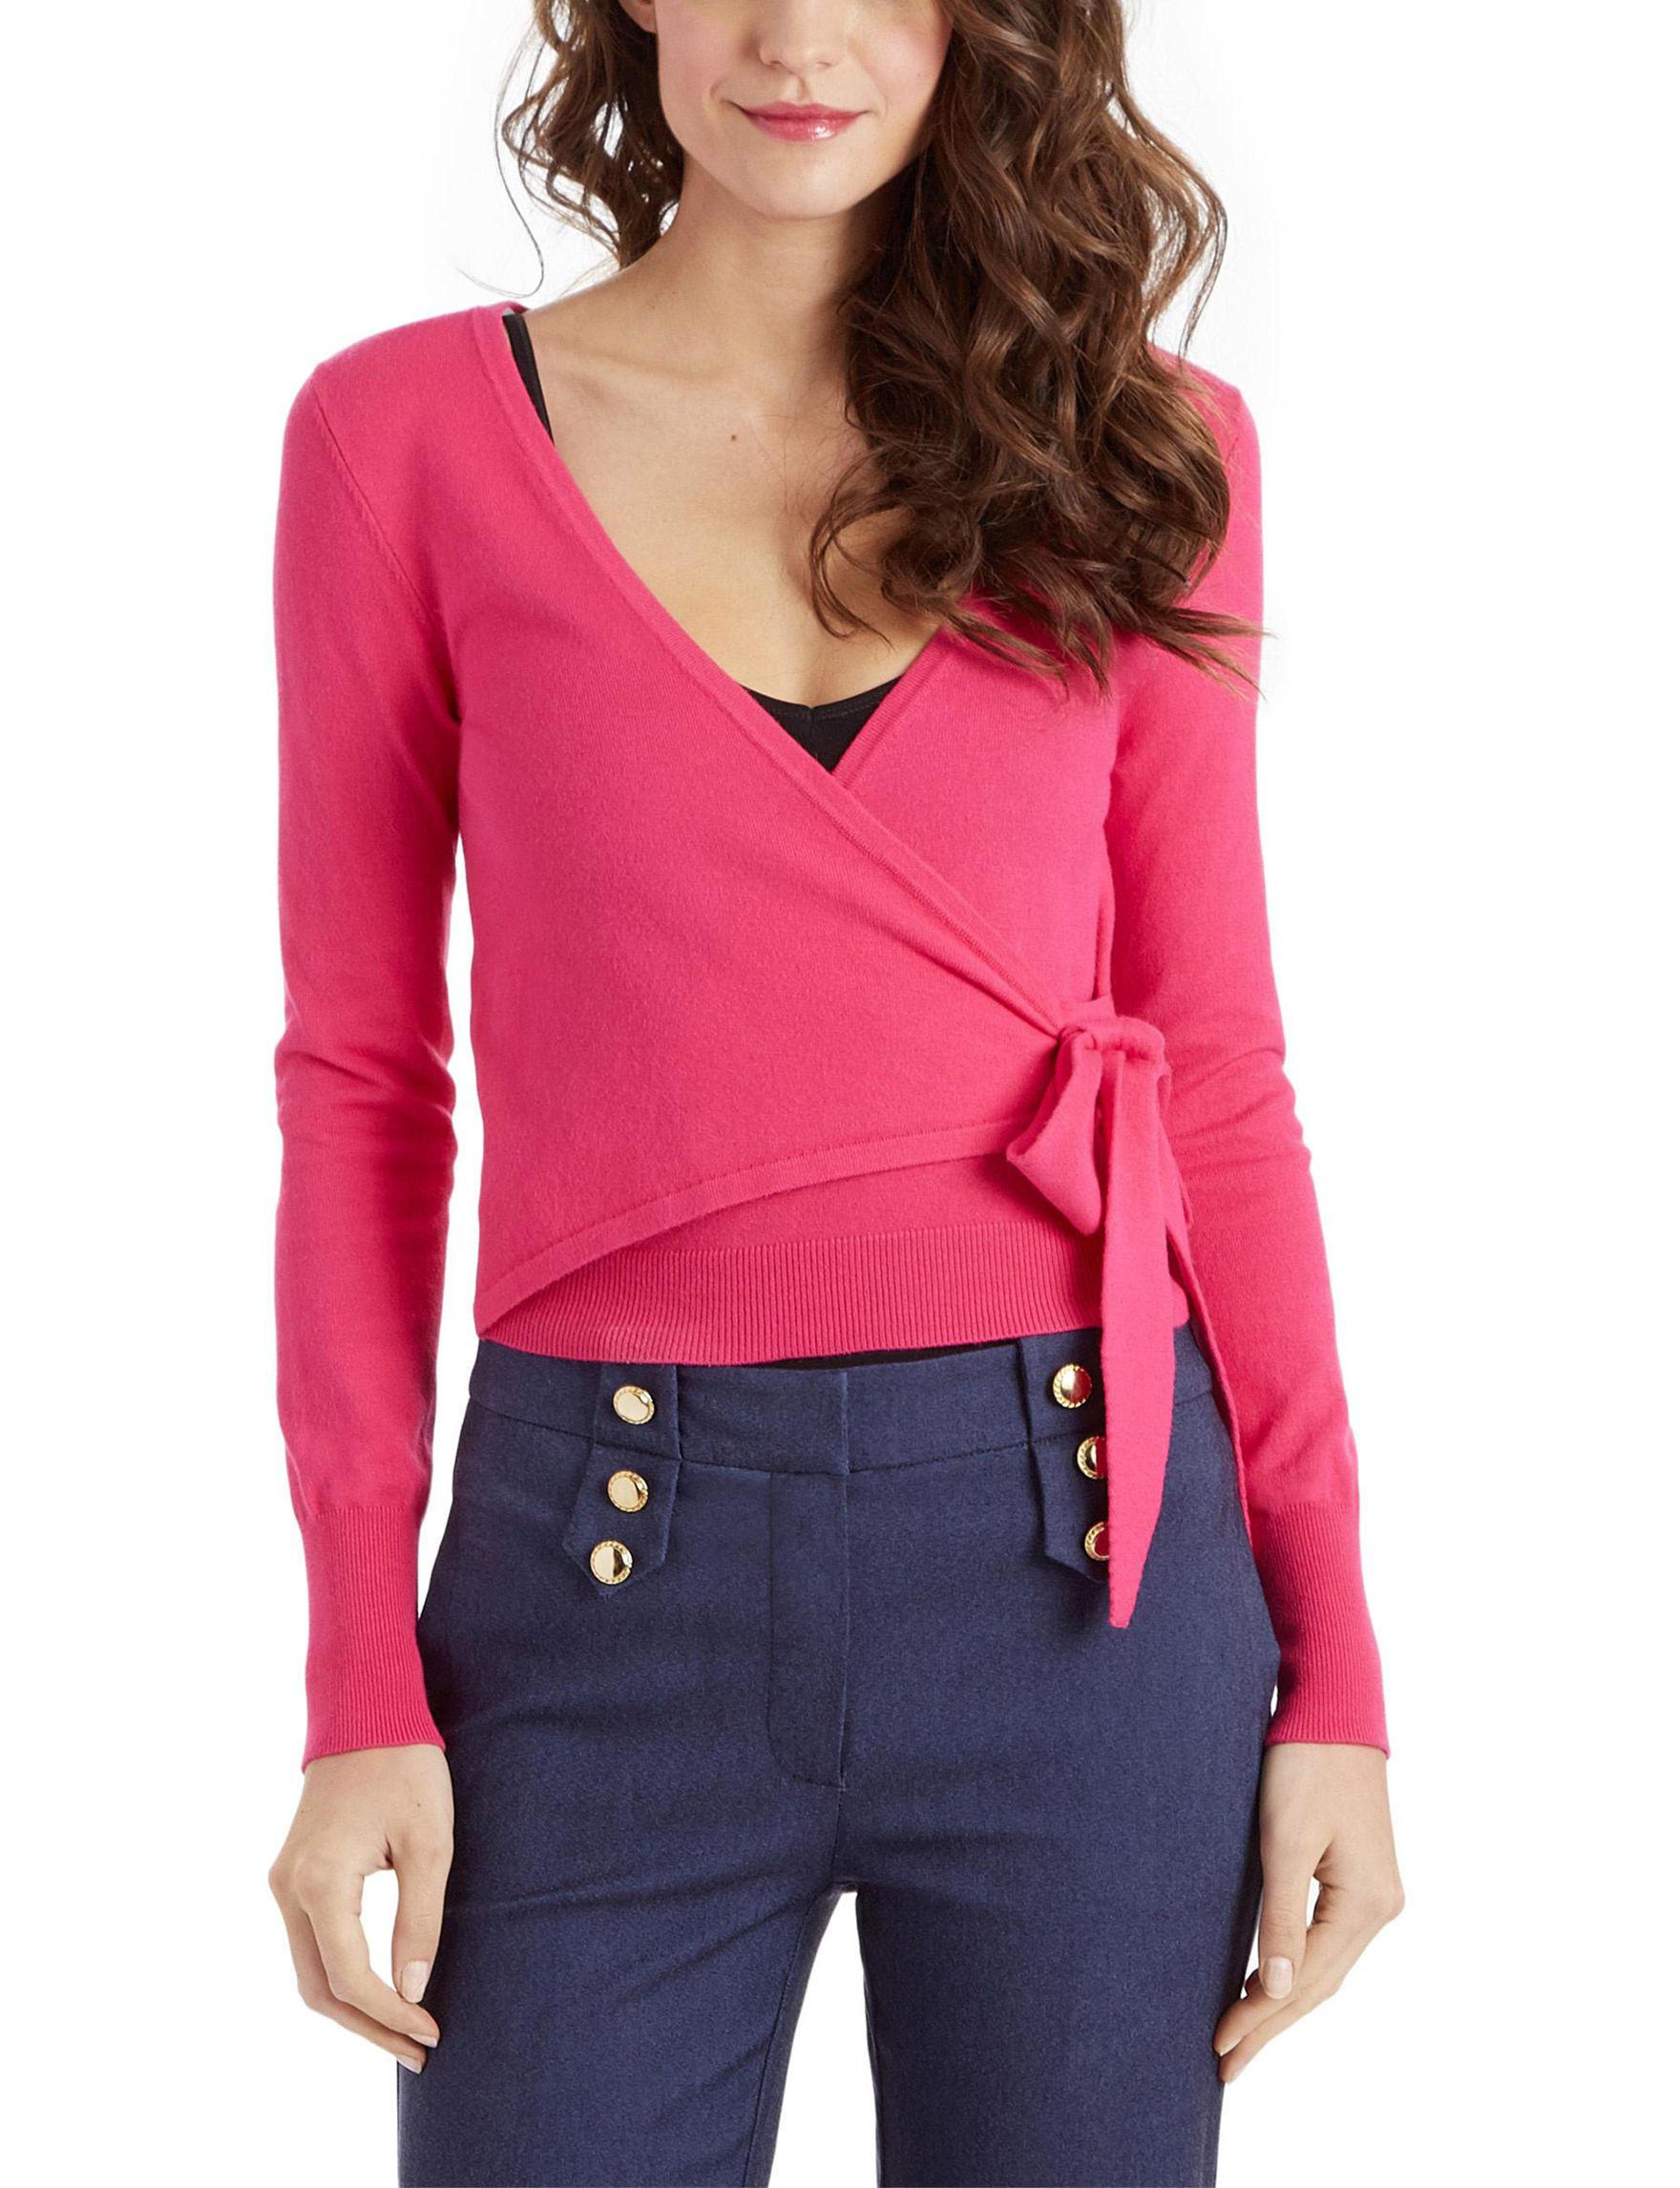 XOXO Pink Cardigans